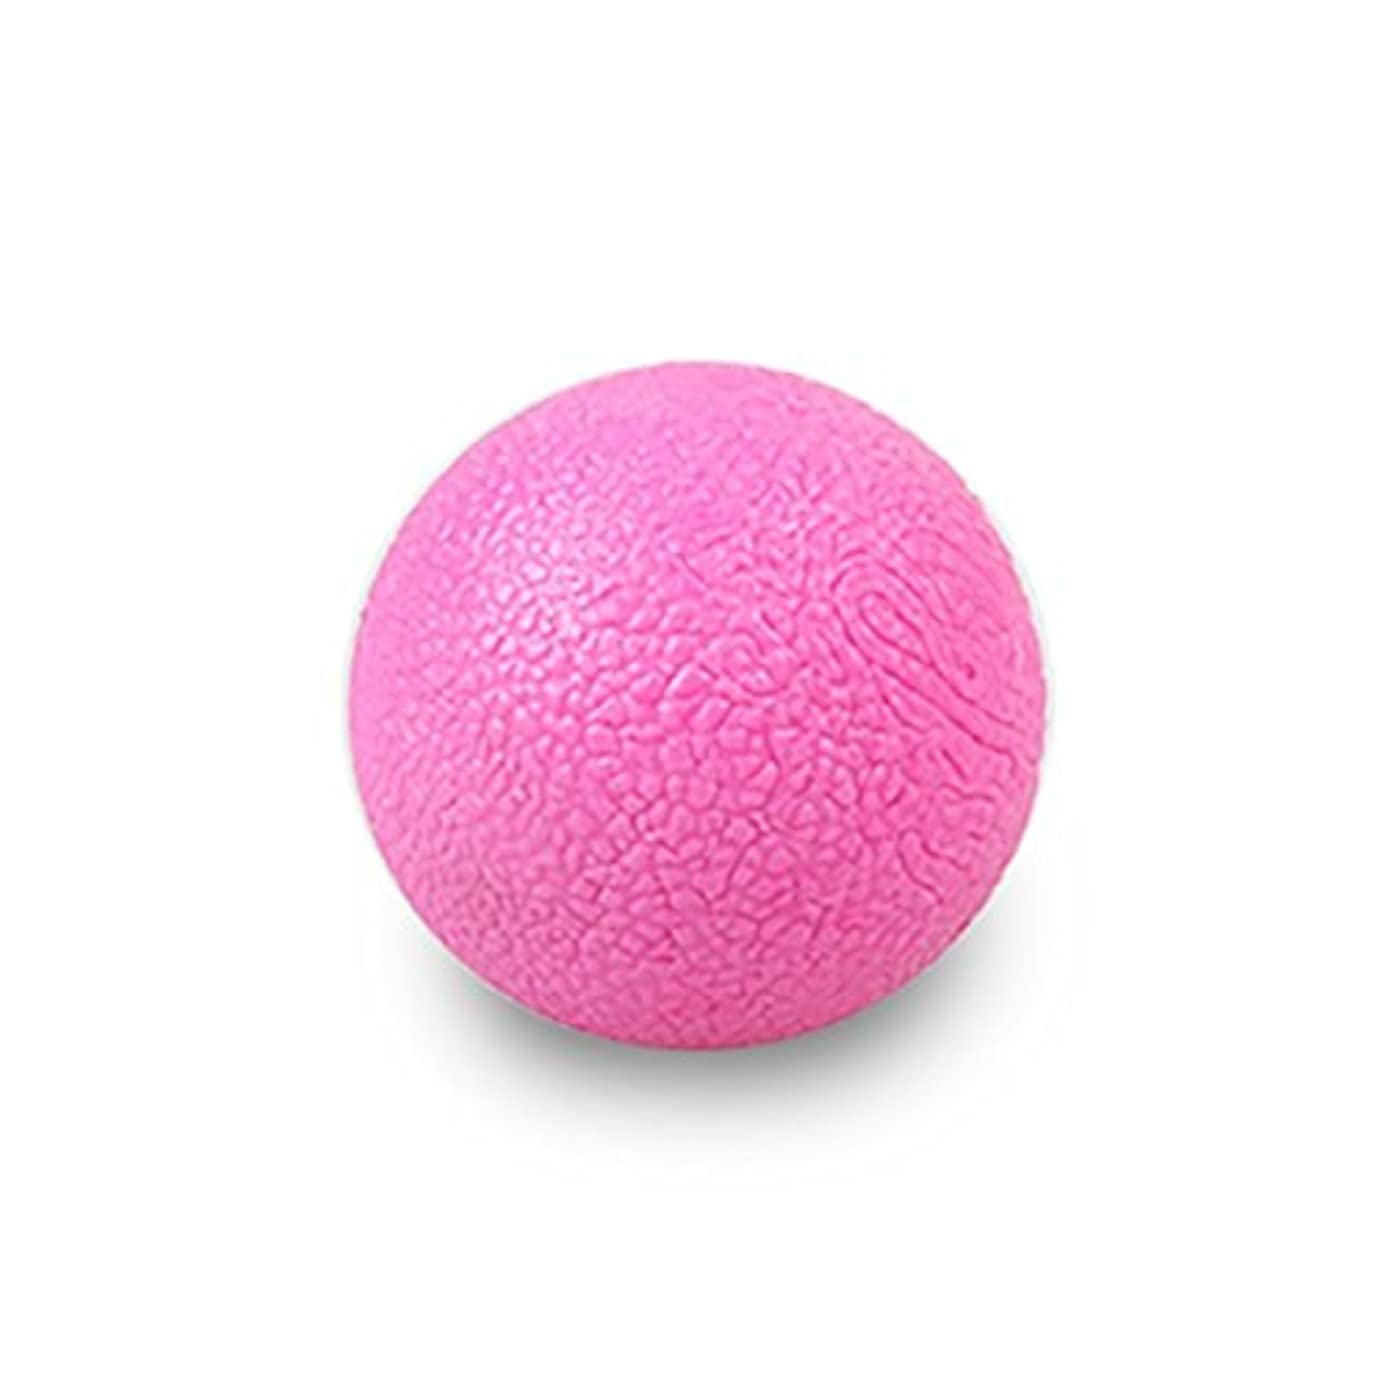 二週間ホバート反論者SHAPE&UP UPnShape ピーナッツ マッサージ ボール(1.8インチ)/ストレッチ、ヨガ、フィットネス リハビリテーション腰痛首 (ブルー)